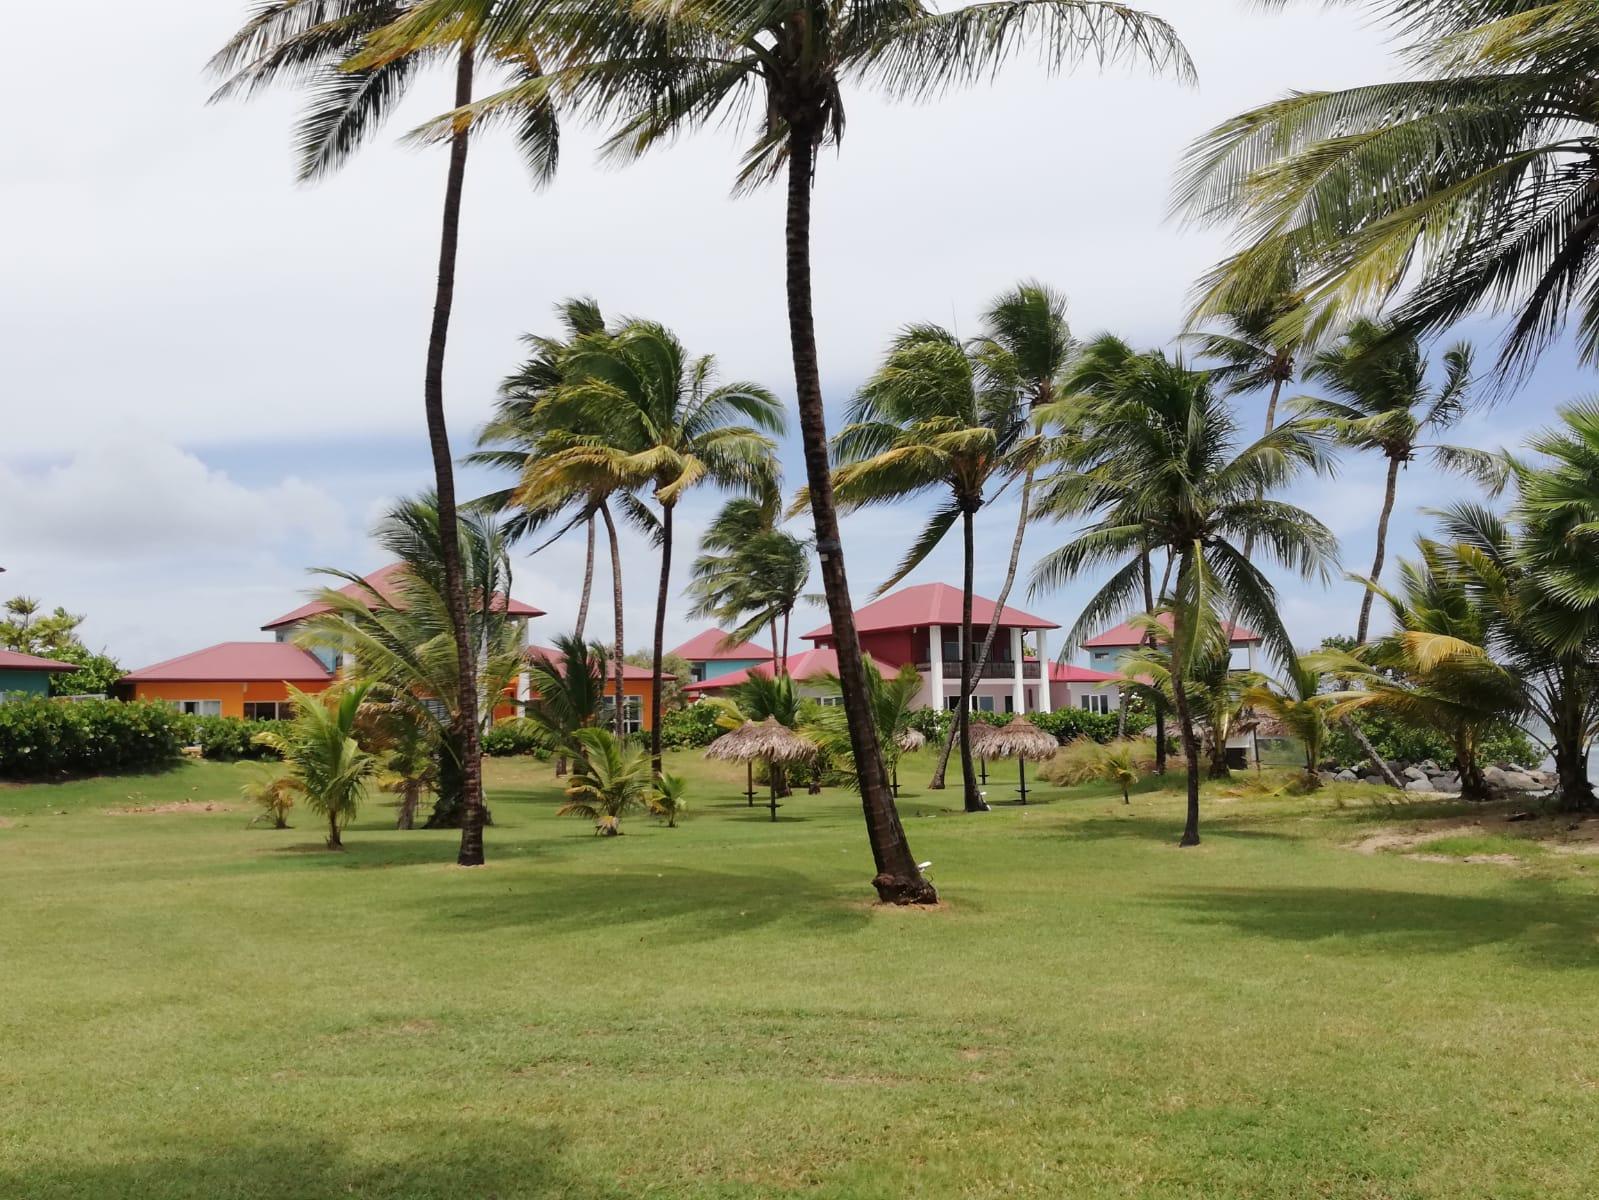 Un restaurant de plage s'installe au Cap Est tandis que le Lagoon Resort devient les Villas du Lagon